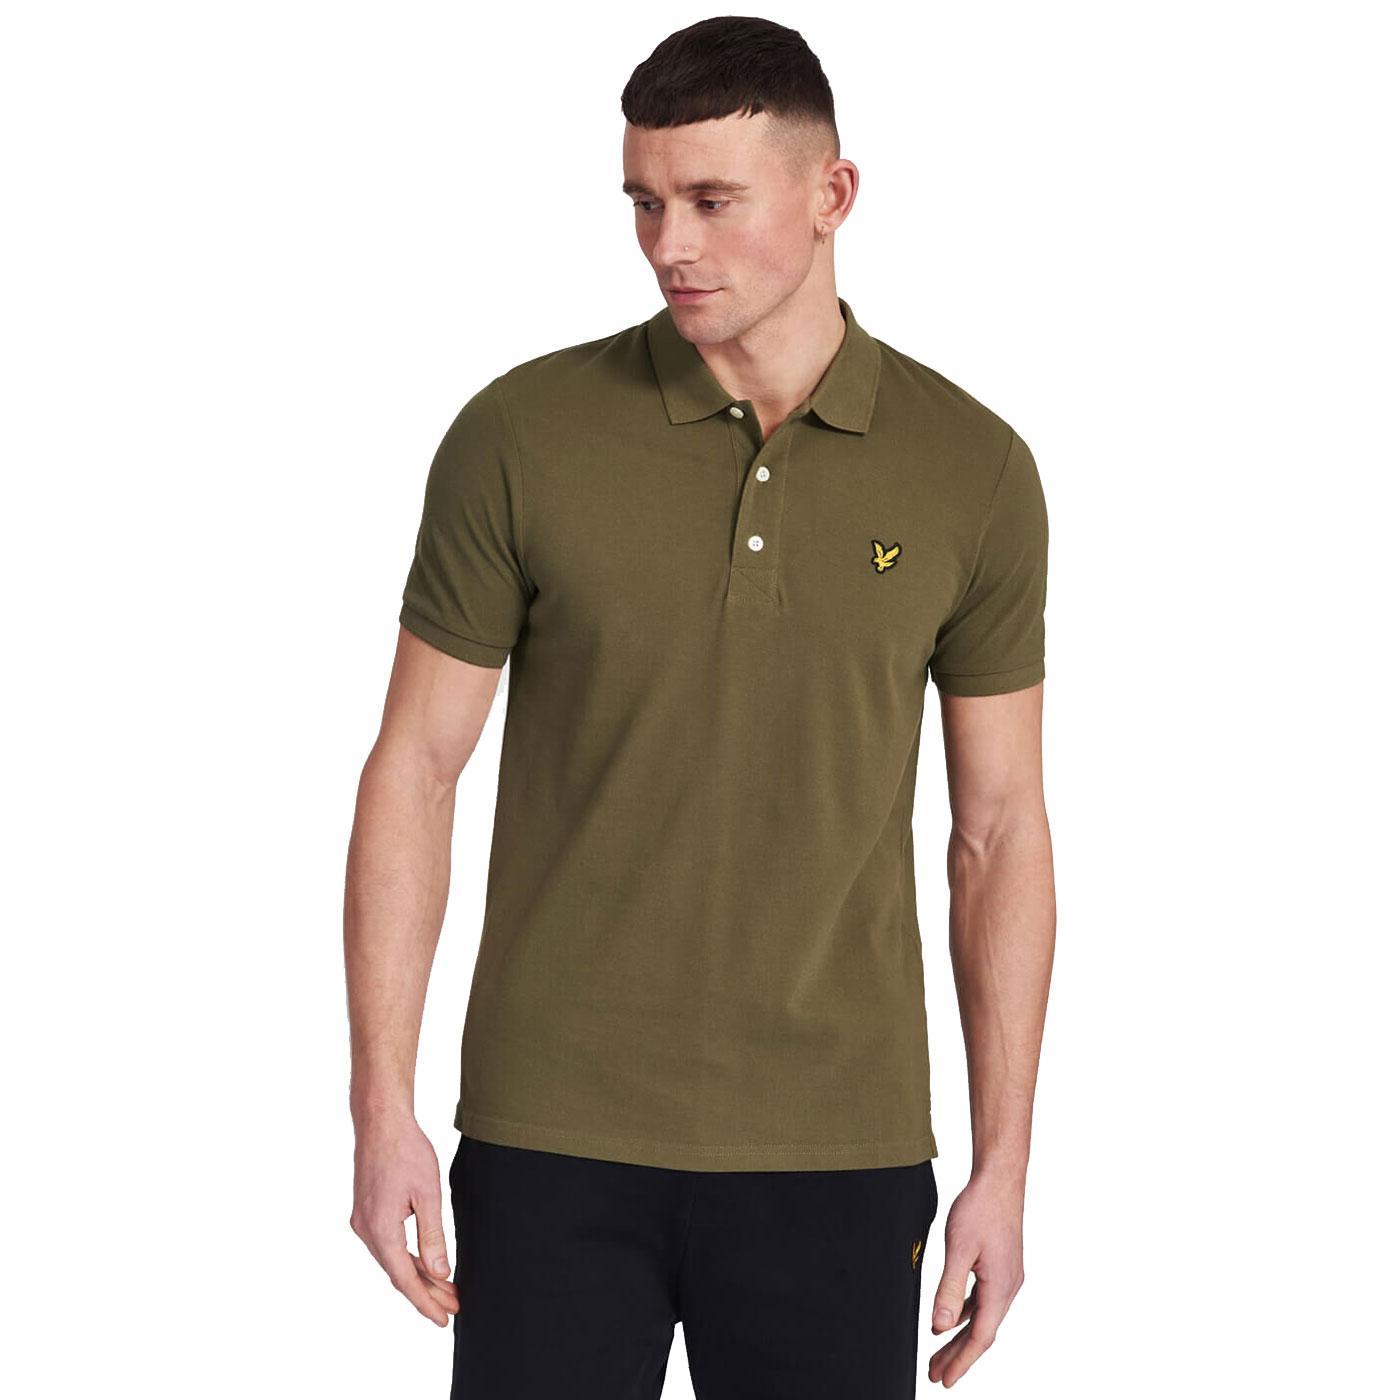 LYLE & SCOTT Men's Mod Classic Pique Polo Shirt LG